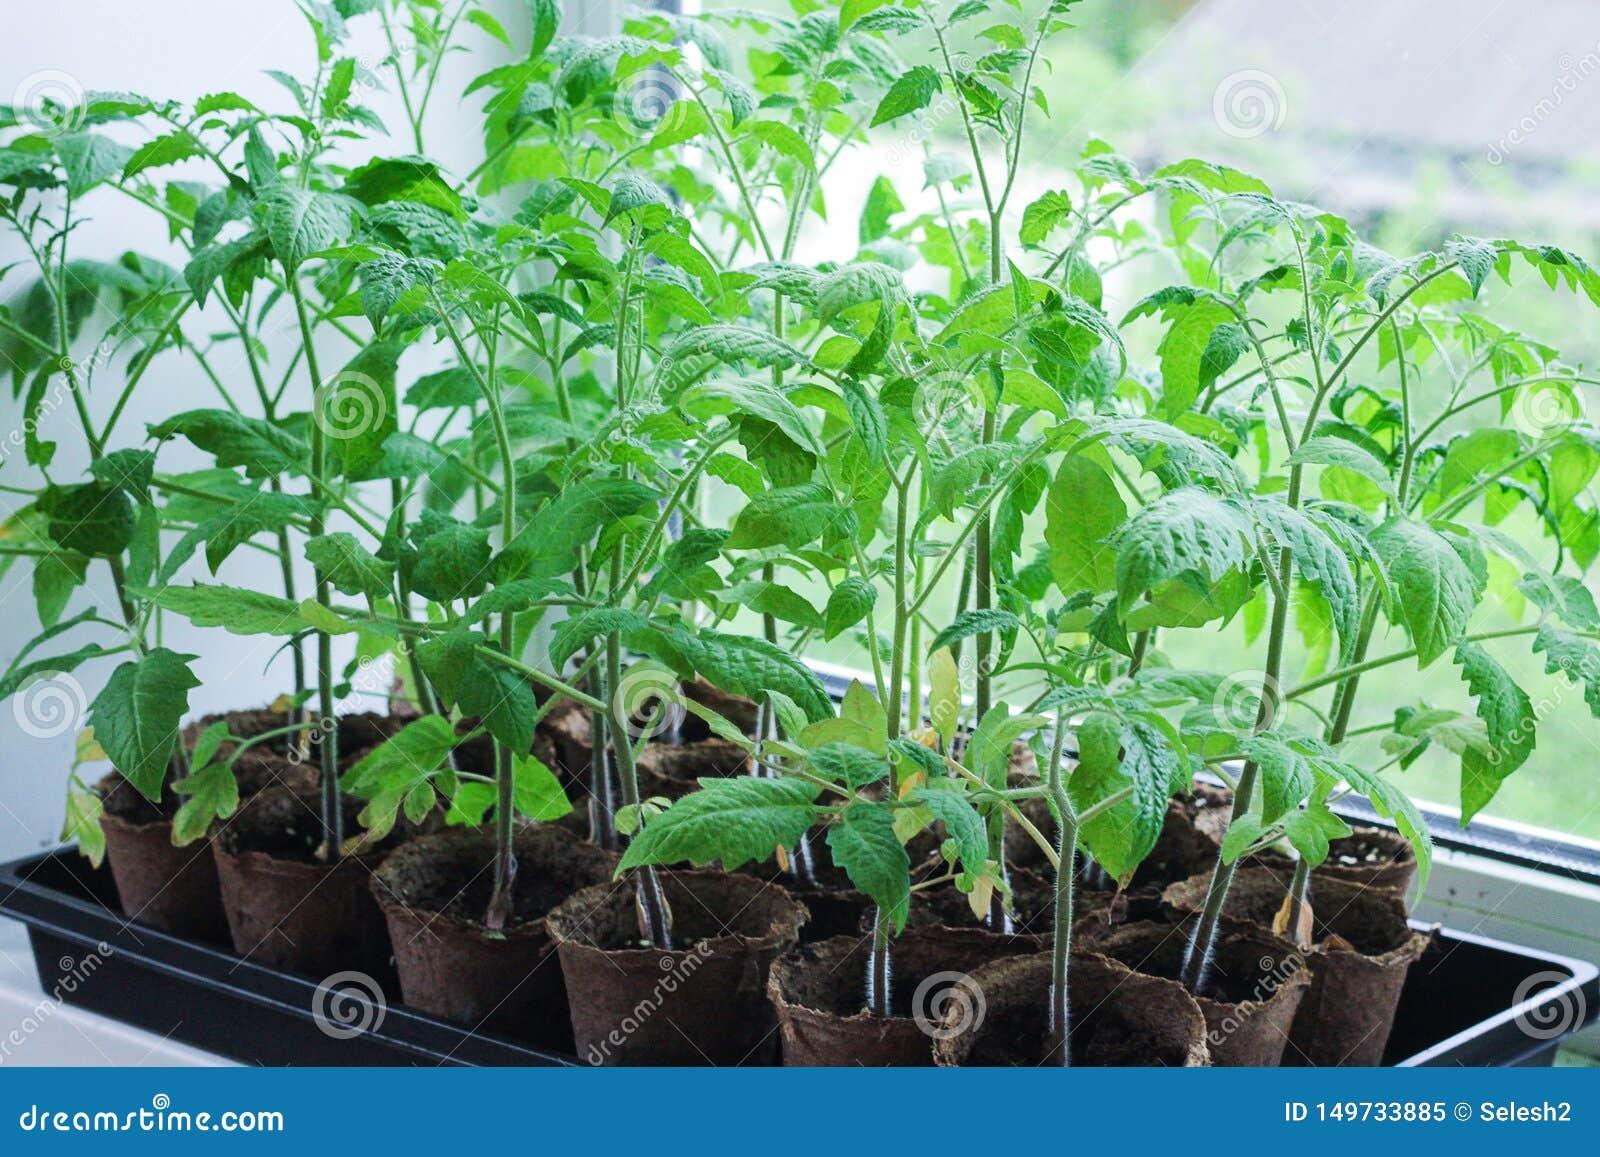 Pomidorowe rozsady r na okno w wiośnie wiele mszarników garnków stojak w rzędach